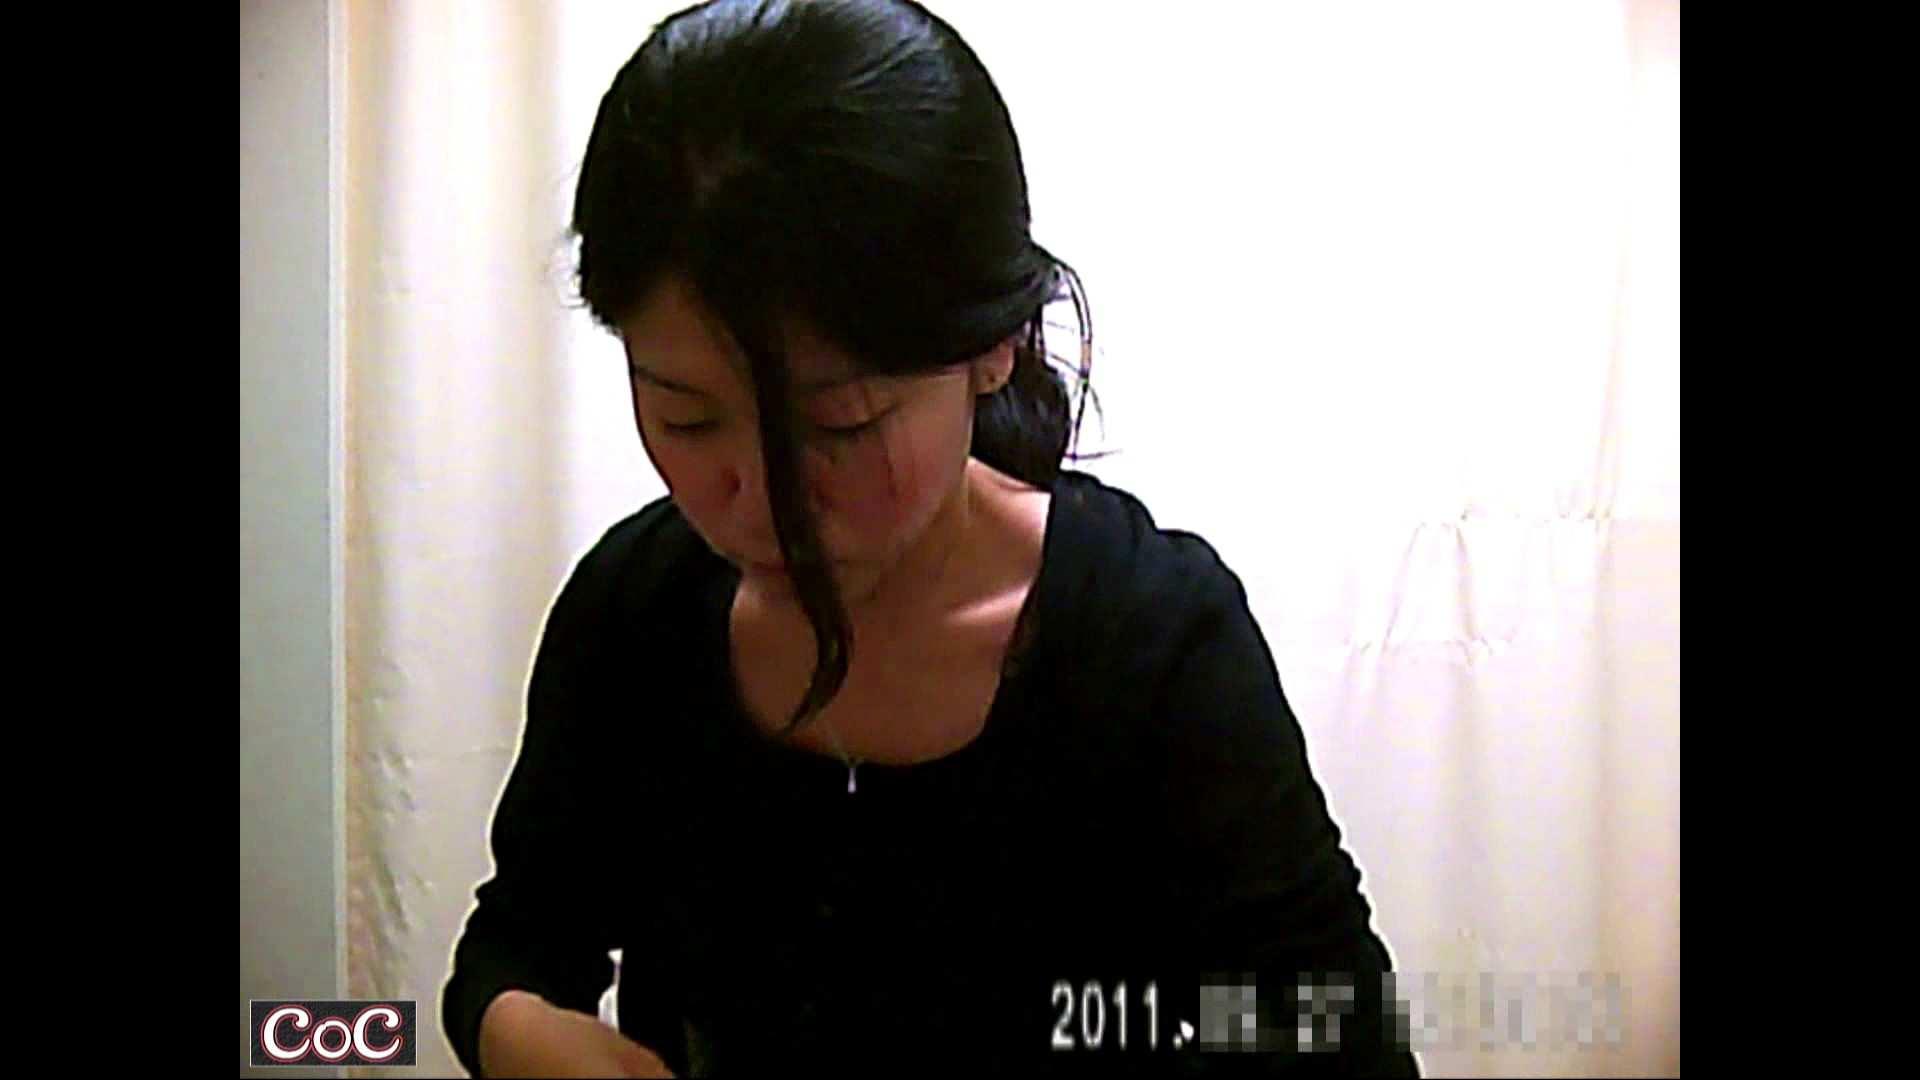 元医者による反抗 更衣室地獄絵巻 vol.258 OL  58pic 20